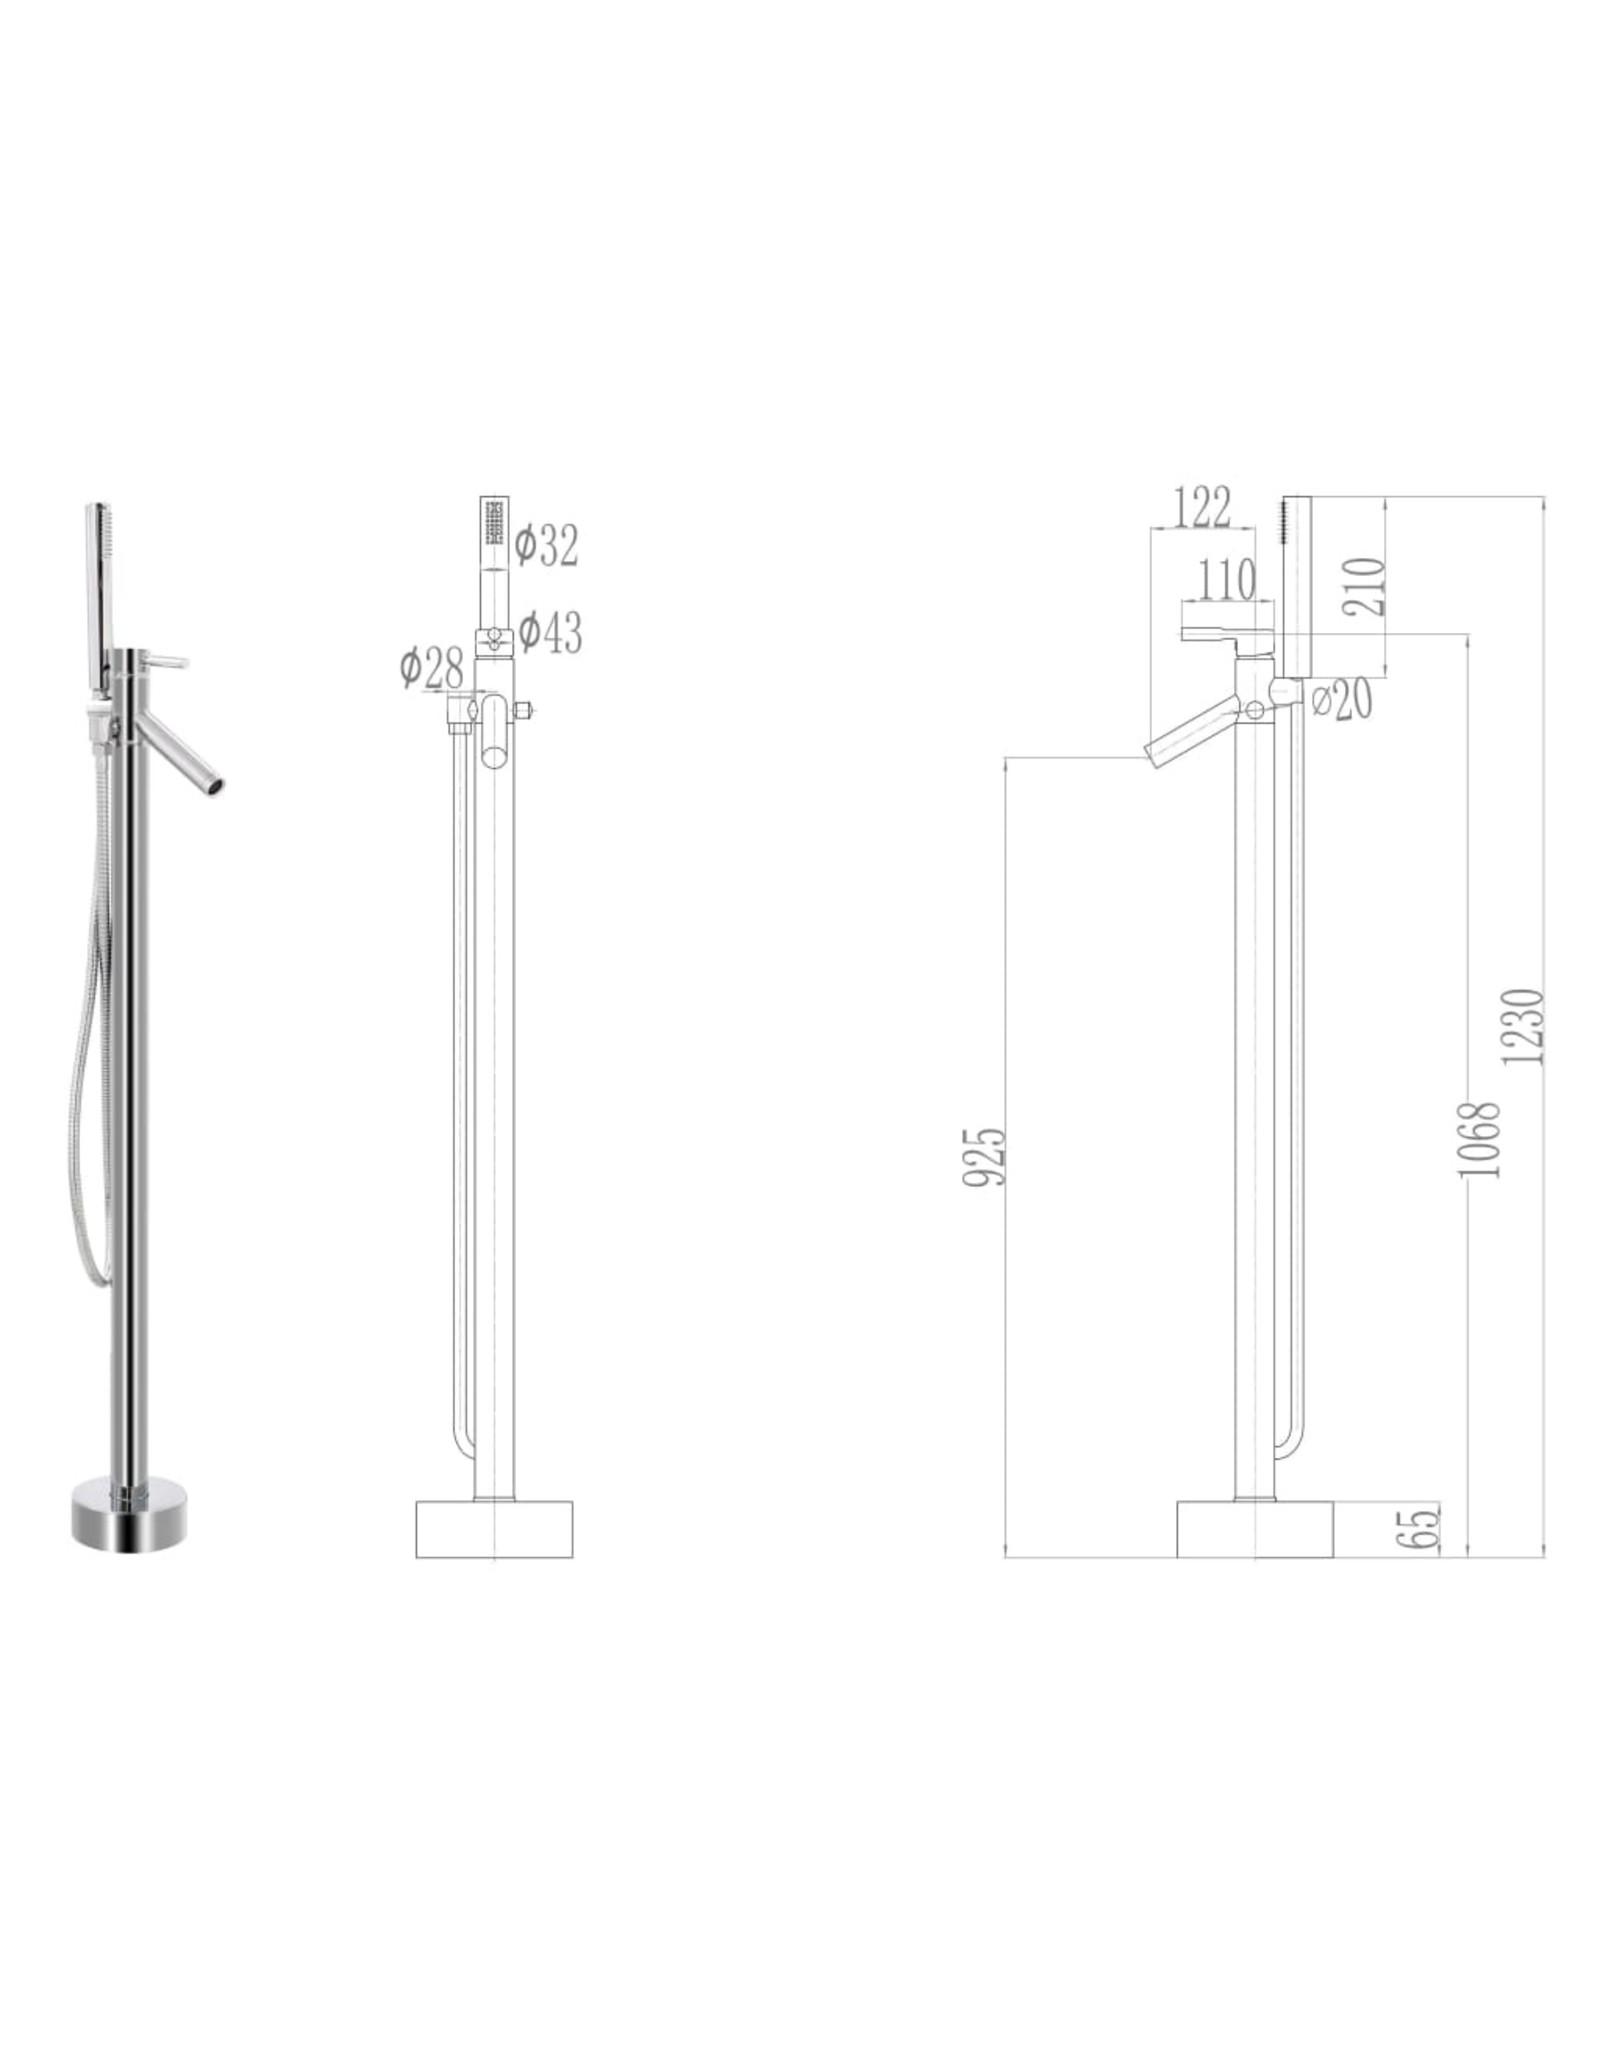 Badkuipkraan vrijstaand 110 cm roestvrij staal